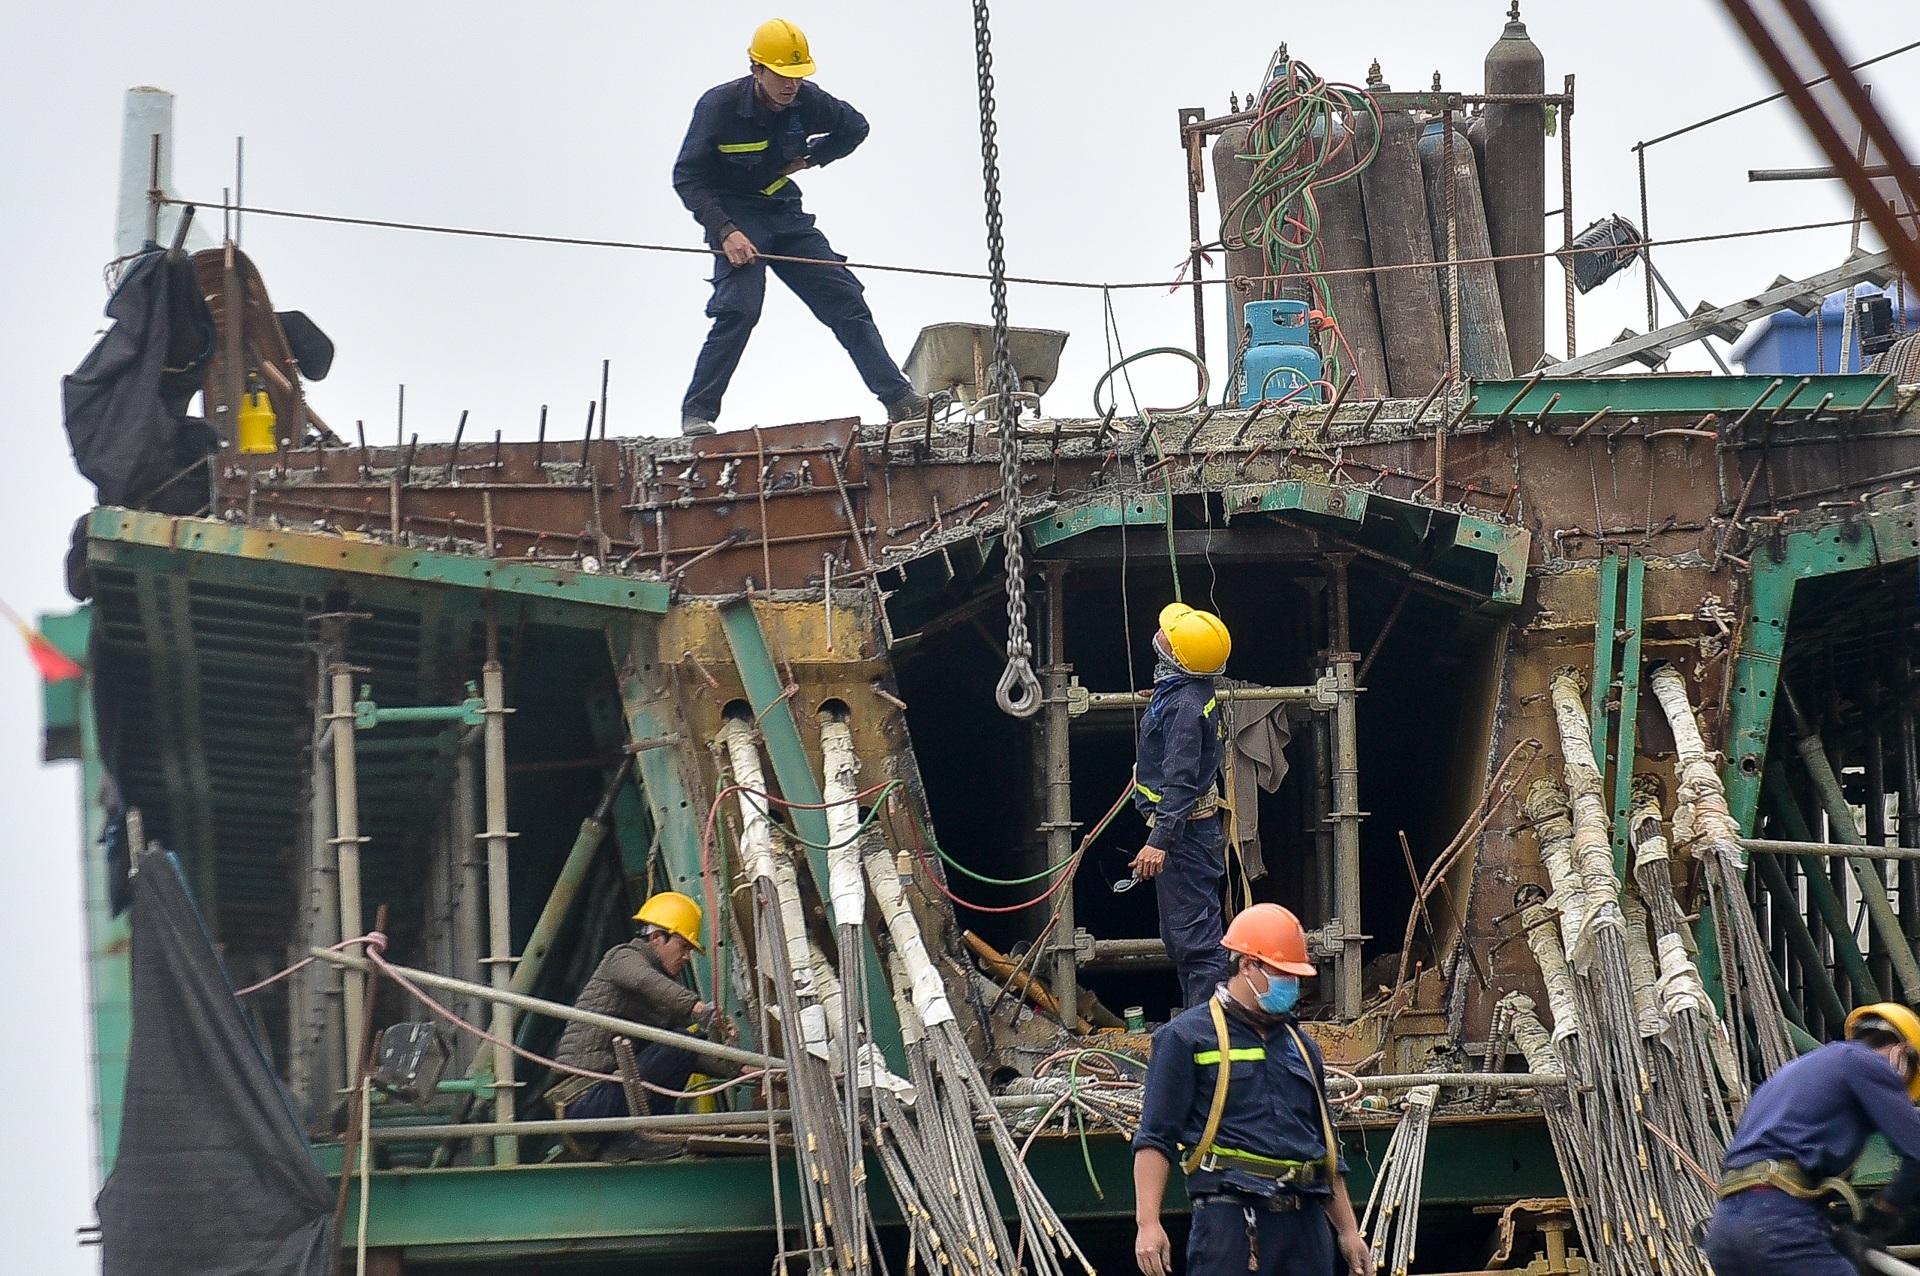 Đại công trường trên cao 9.400 tỷ xuyên đường cong mềm mại ở Hà Nội - 1